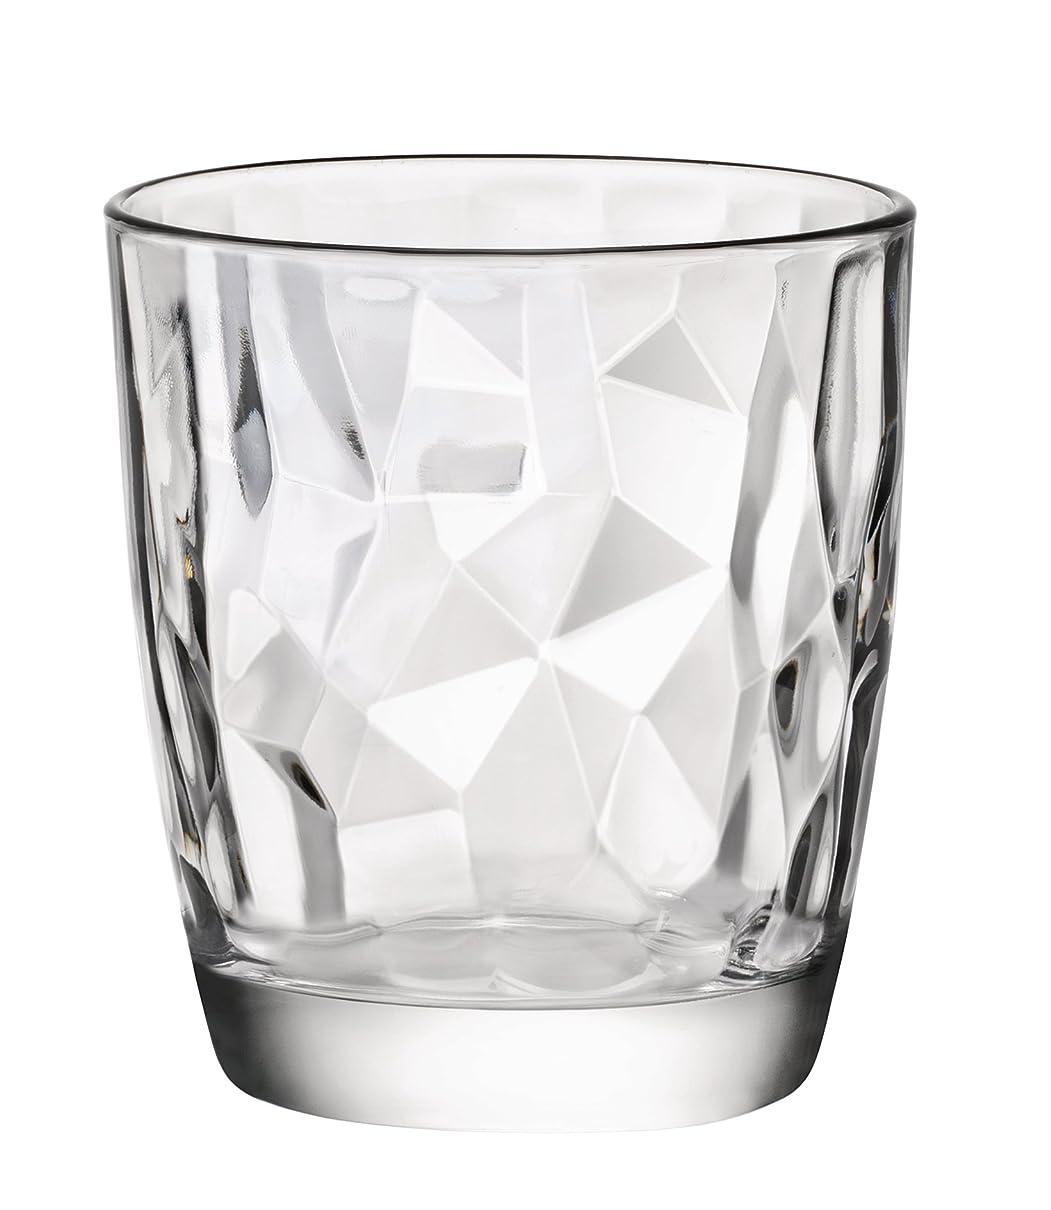 アッティカス扇動鳴らすBormioli Roccoダイヤモンド13.25?OzダブルOld Fashionedガラス、4のセット